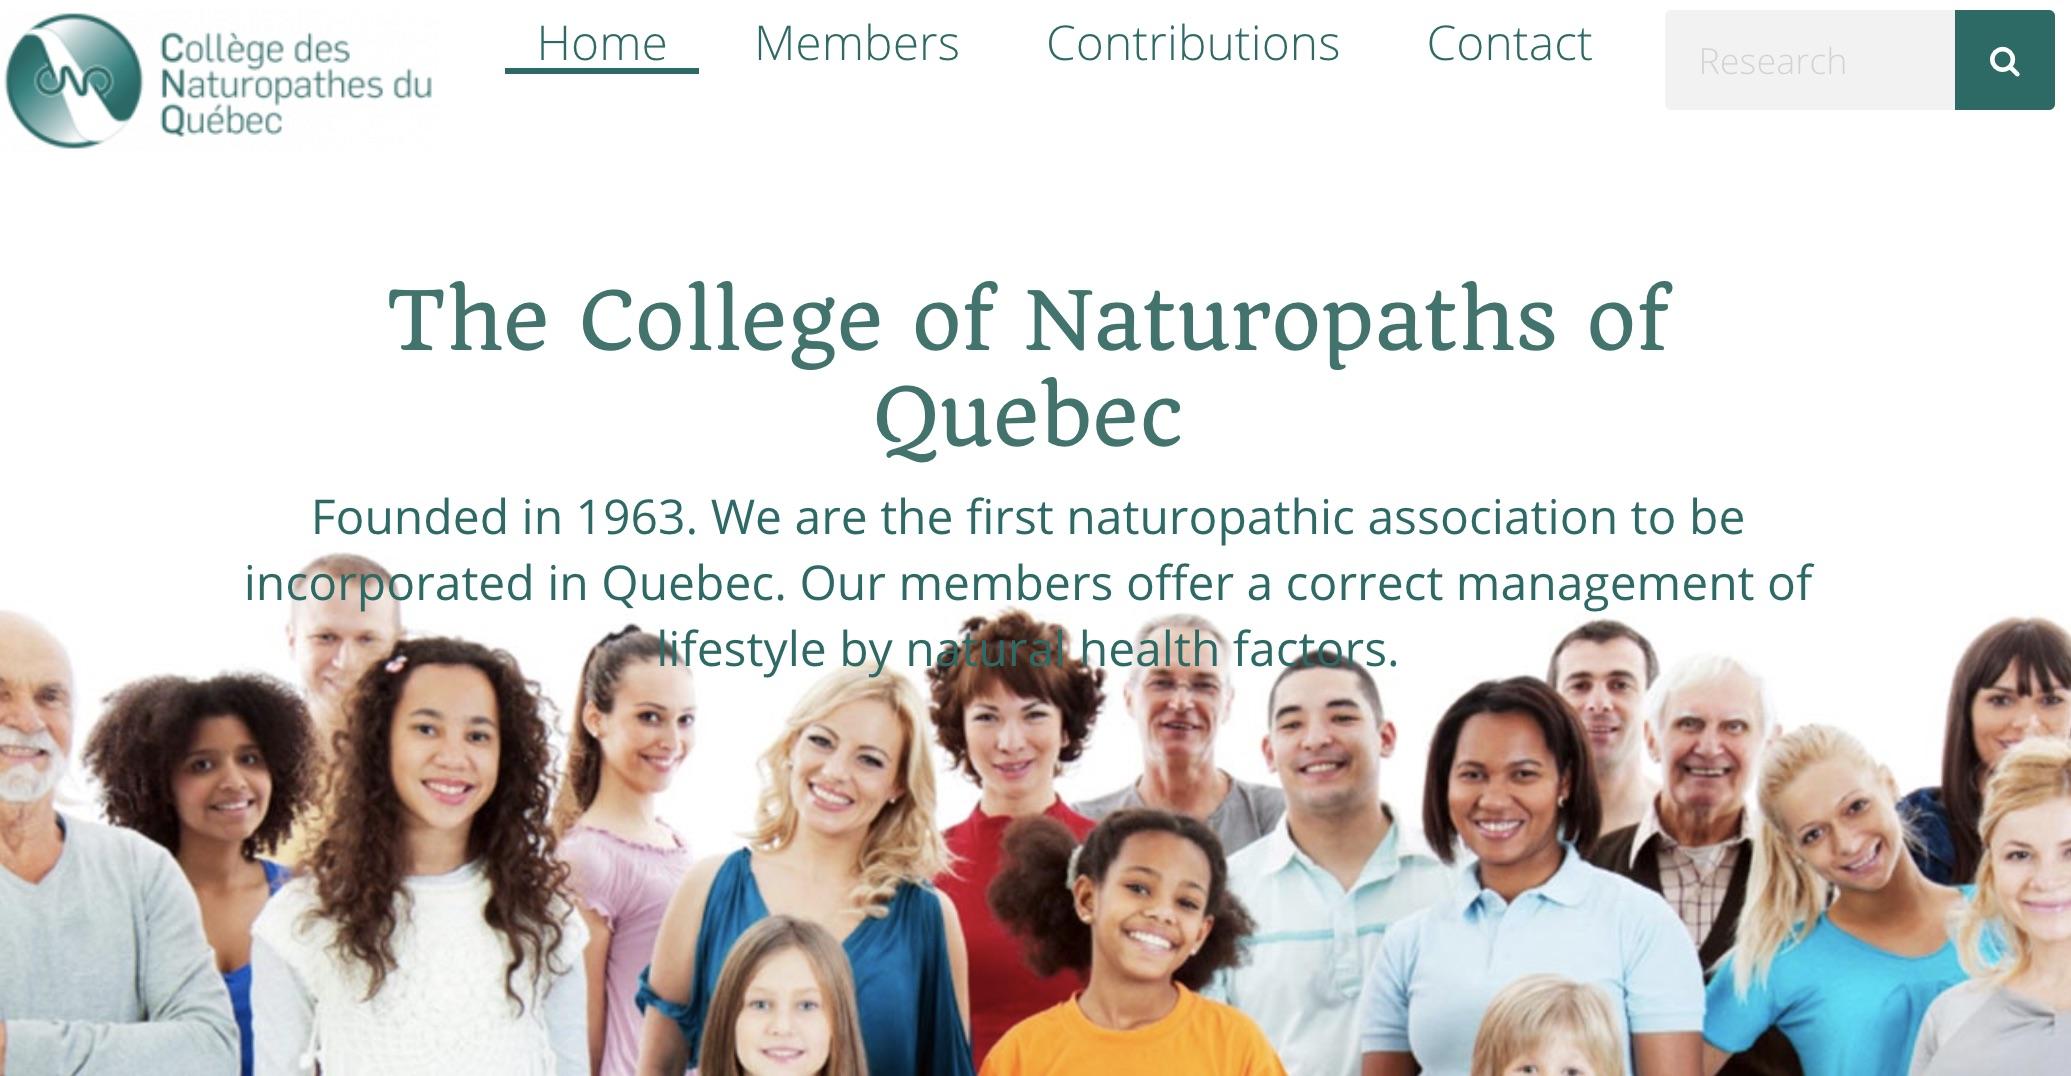 Collège des Naturopathes du Québec